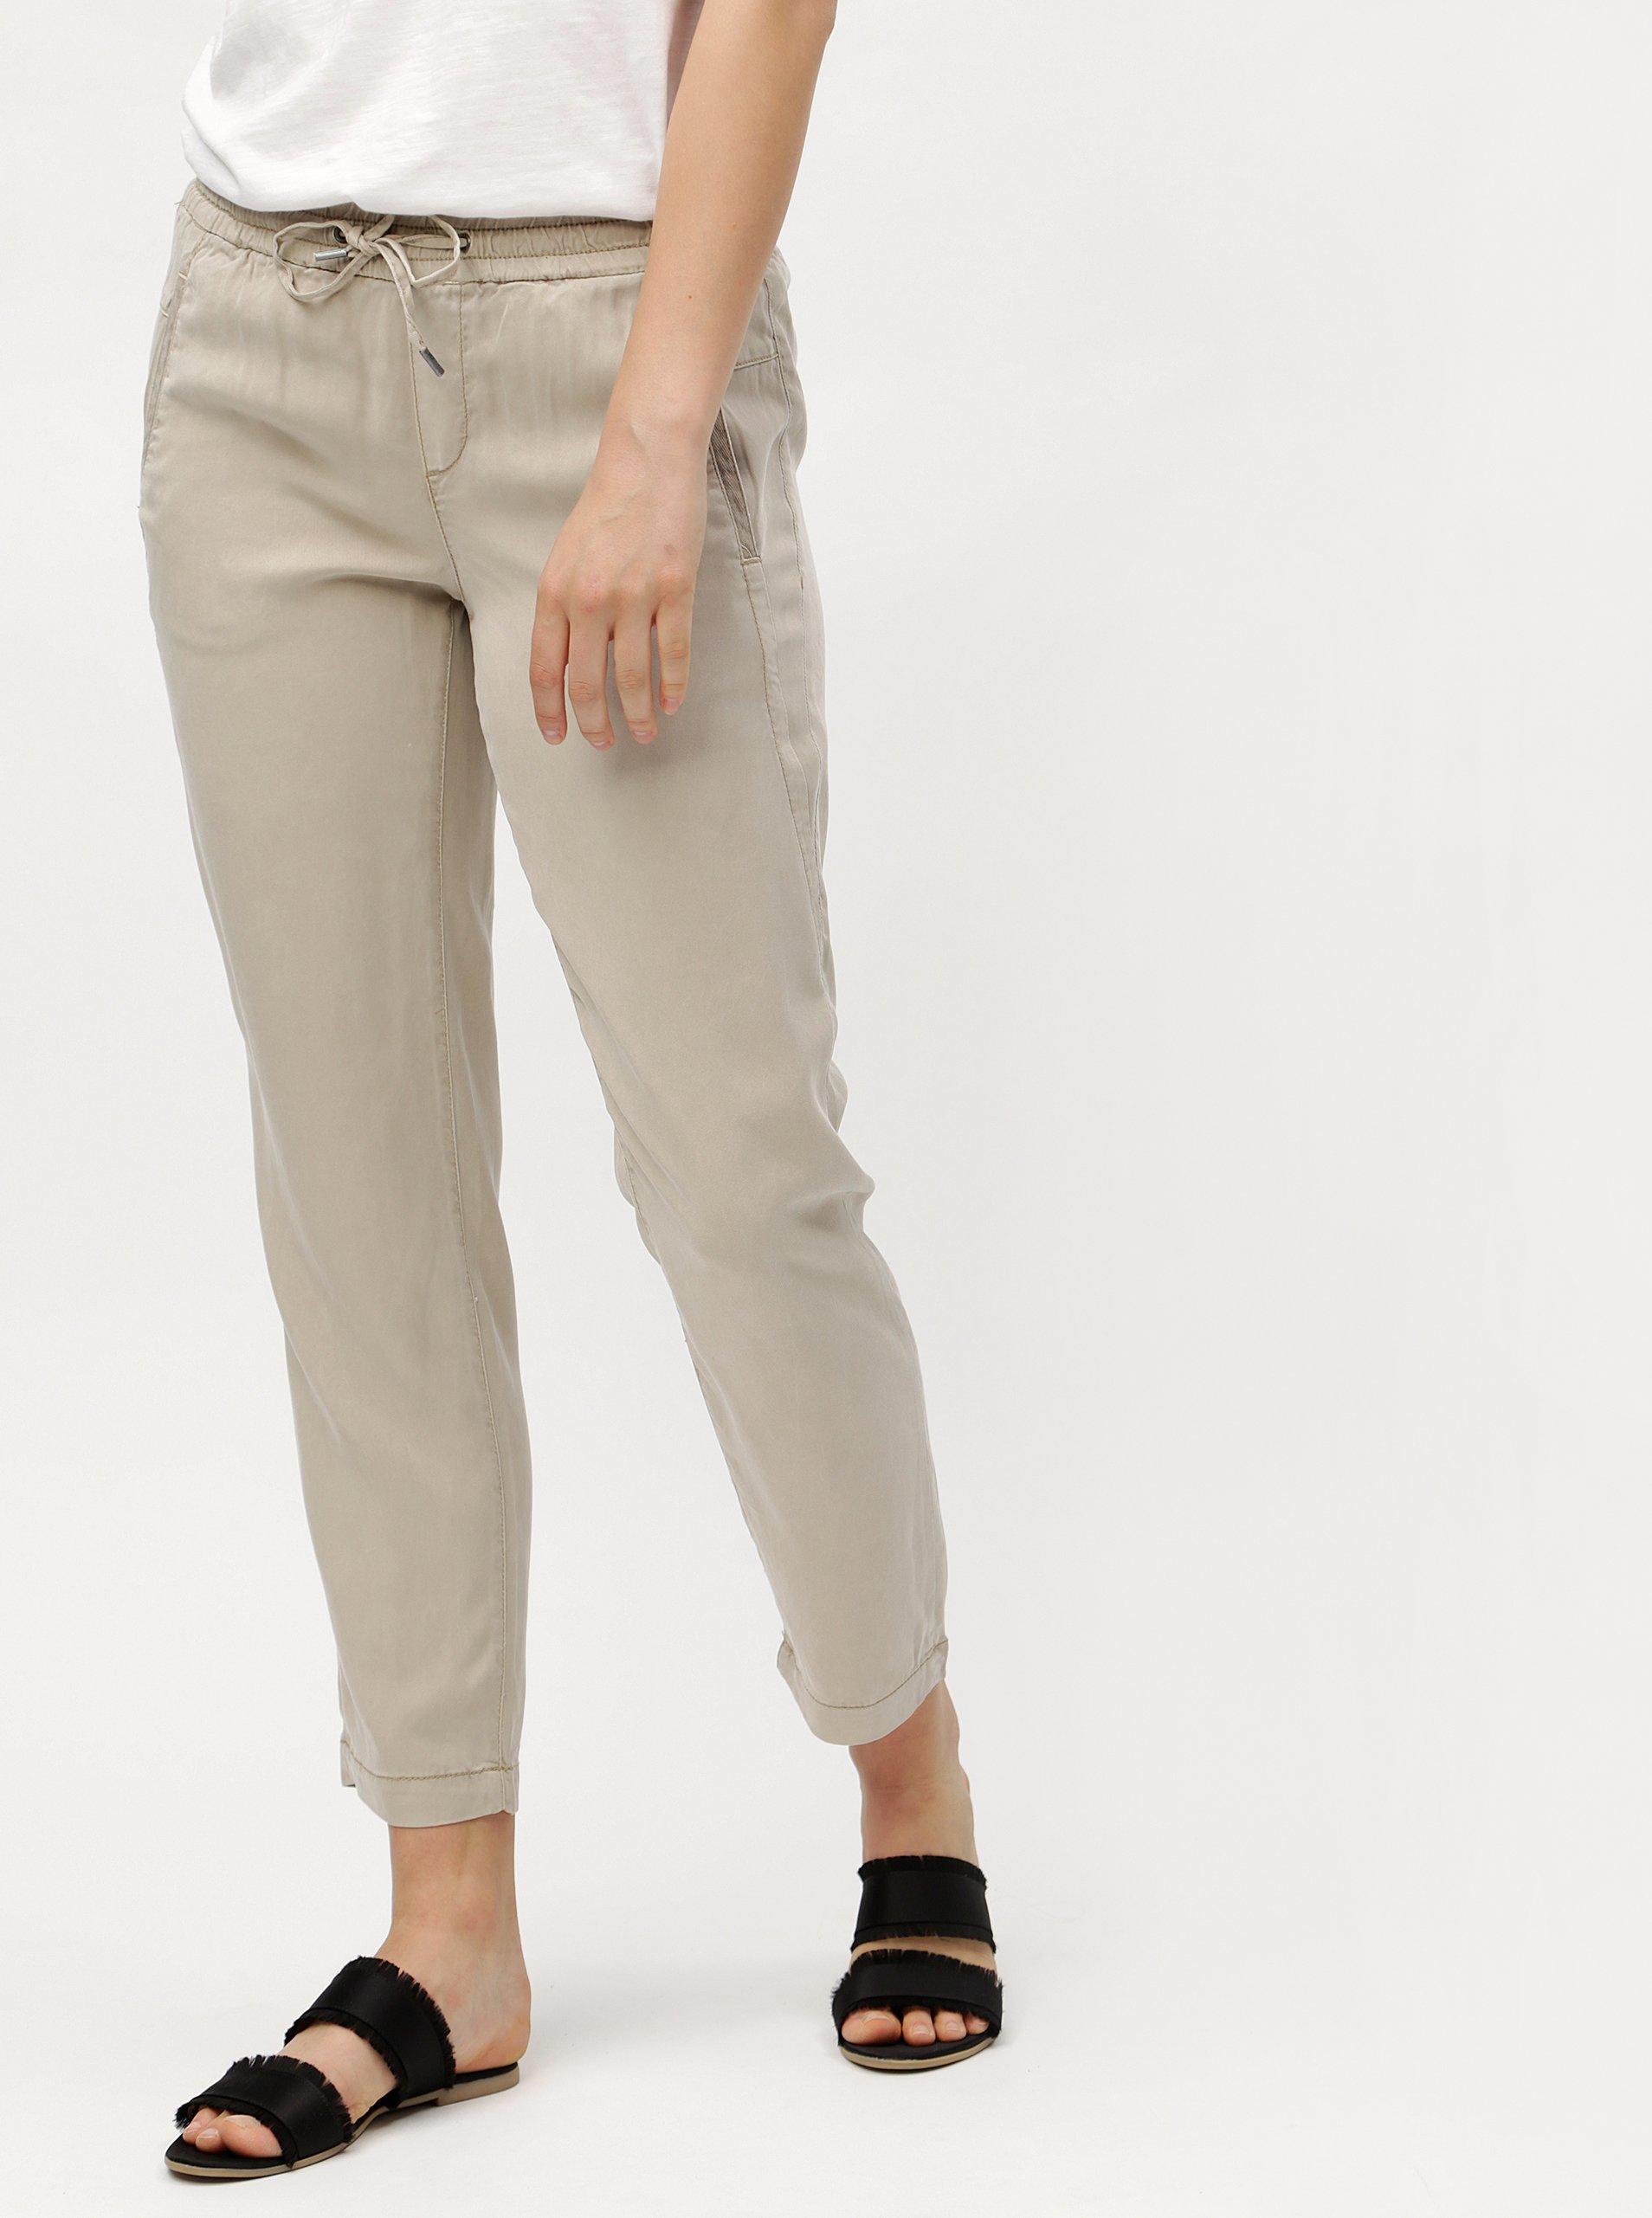 dff4d62a7ea Béžové dámské volné kalhoty s.Oliver